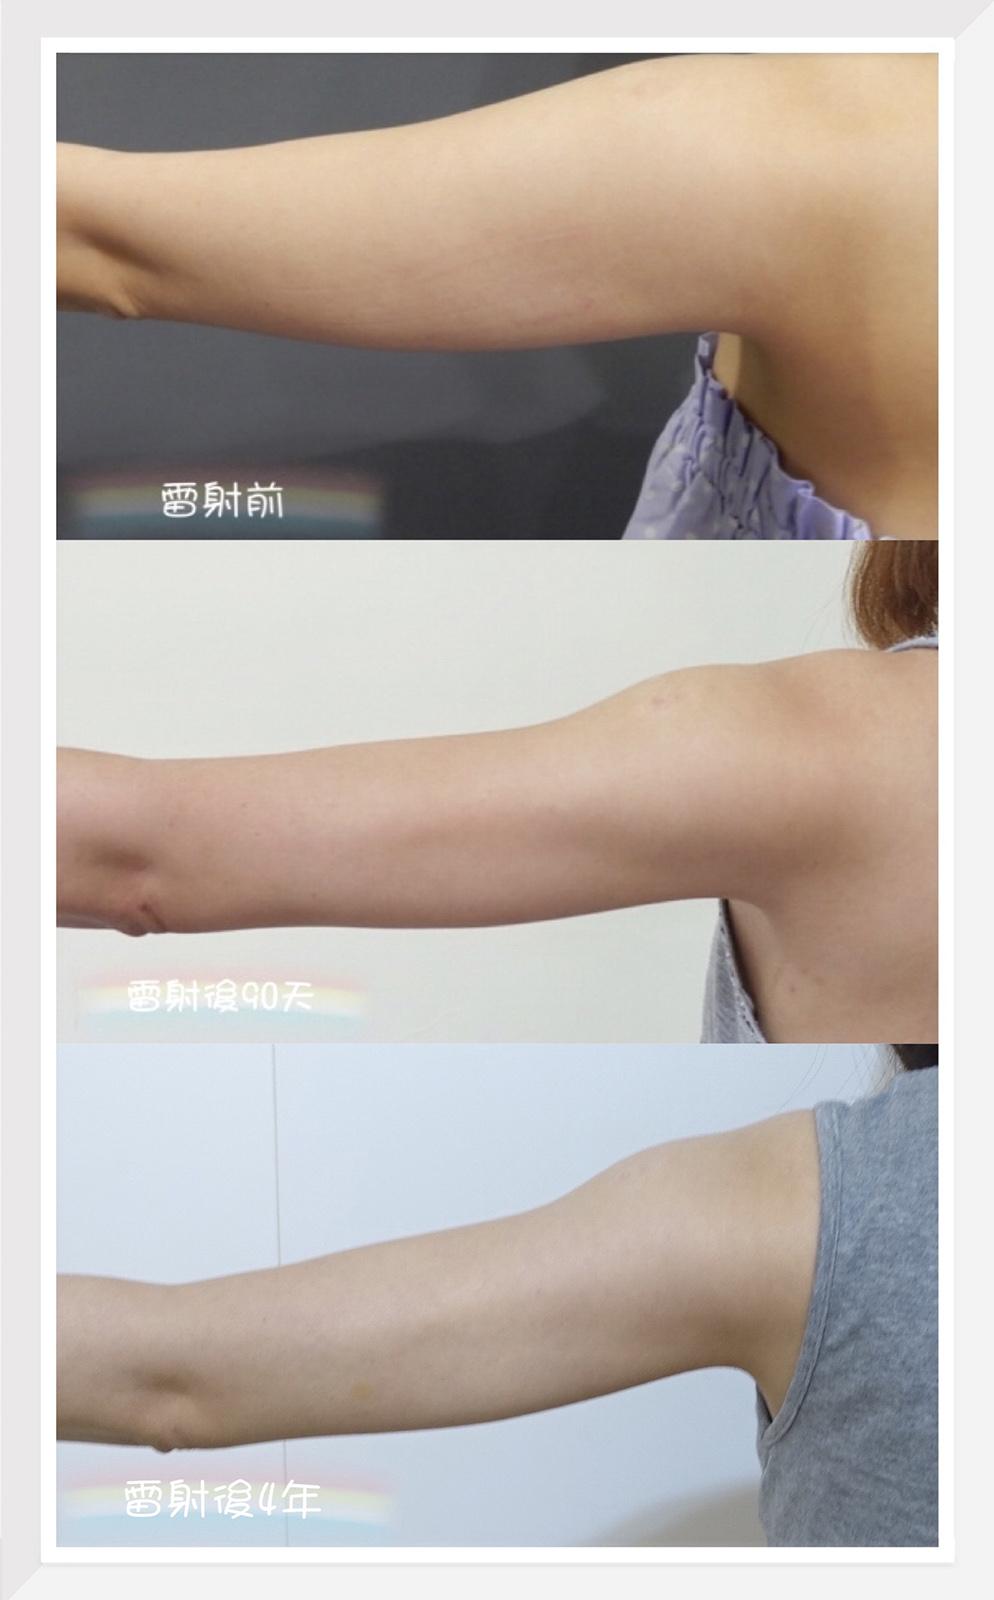 【醫美】2020更新!不再糾結了~跟我的掰掰袖說掰掰!手臂+副乳雷射減脂日記